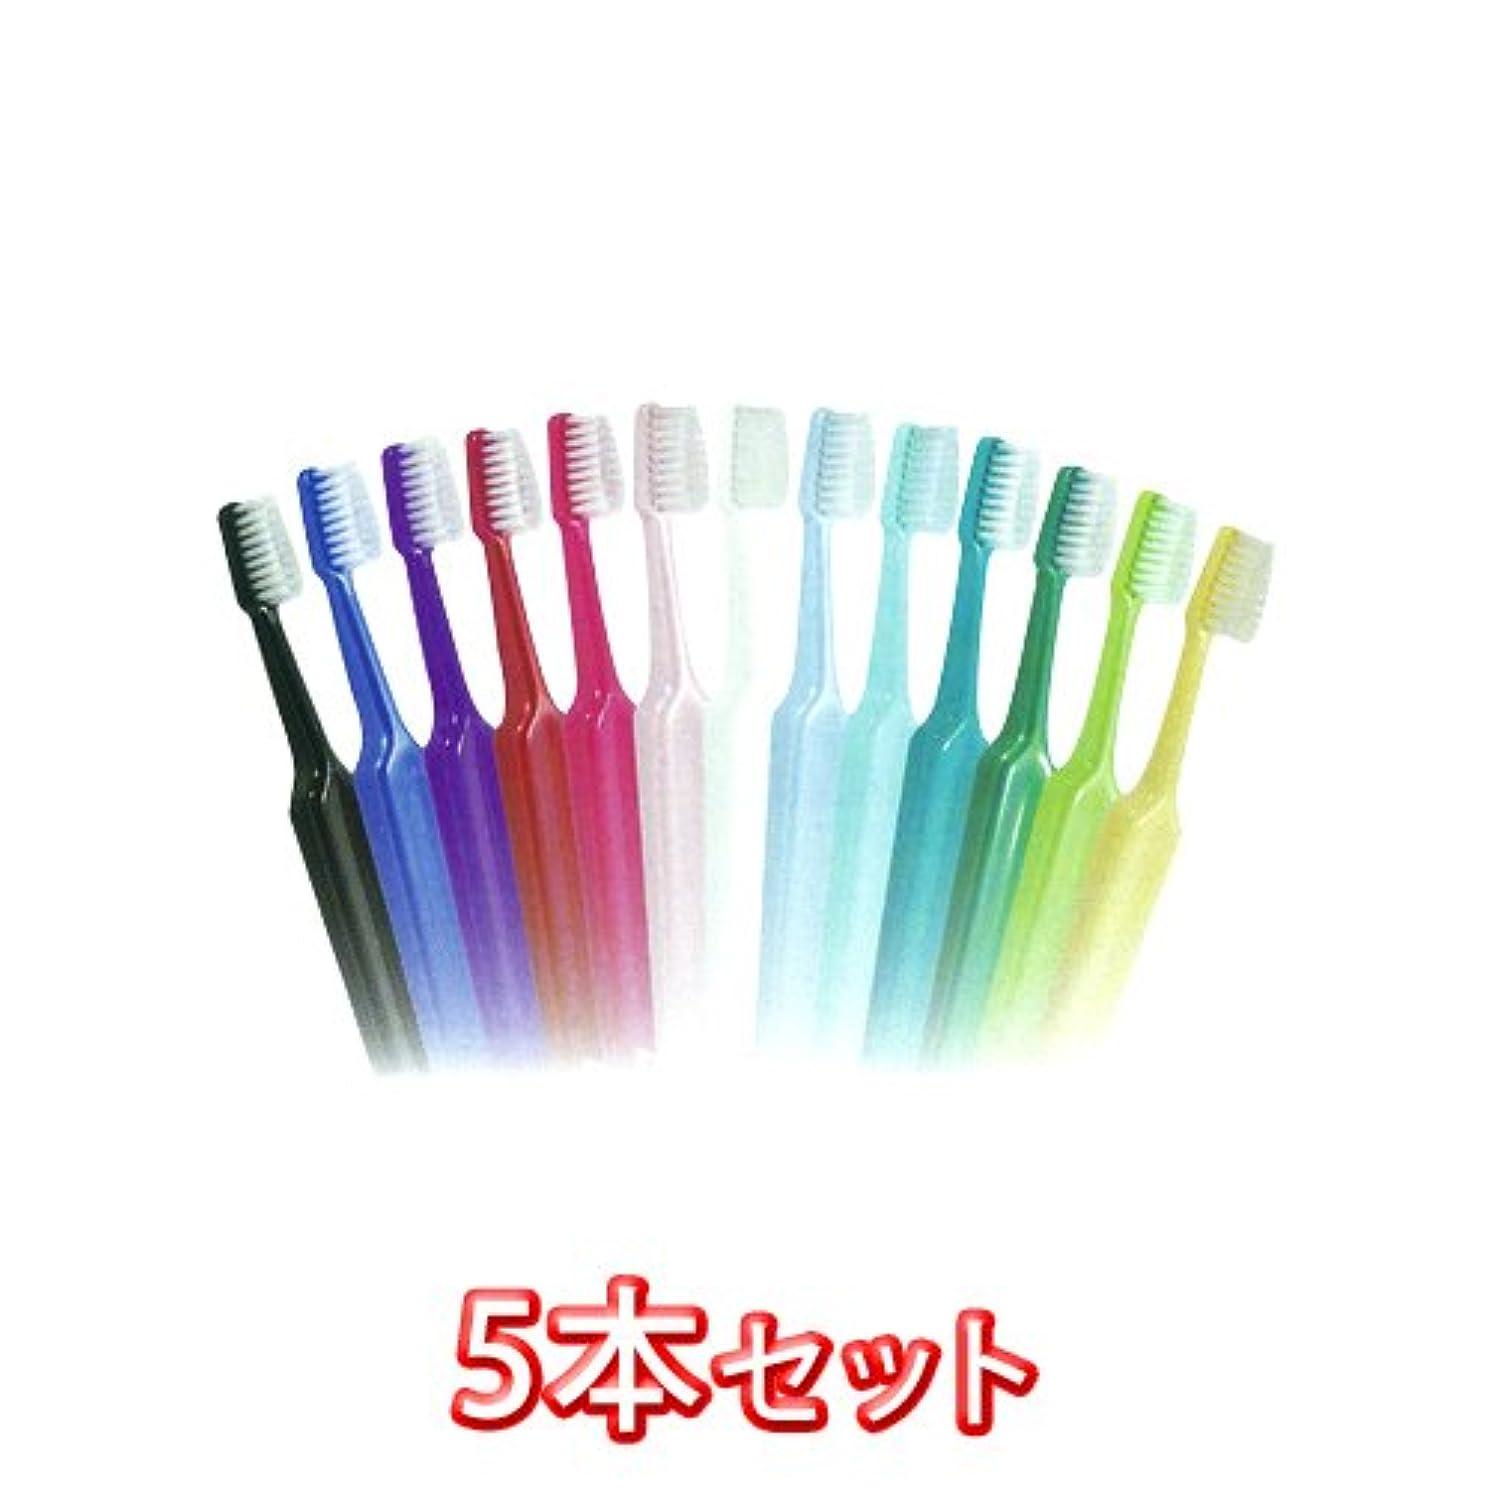 精神医学信者偉業クロスフィールド TePe テペ セレクト 歯ブラシ 5本 (エクストラソフト)